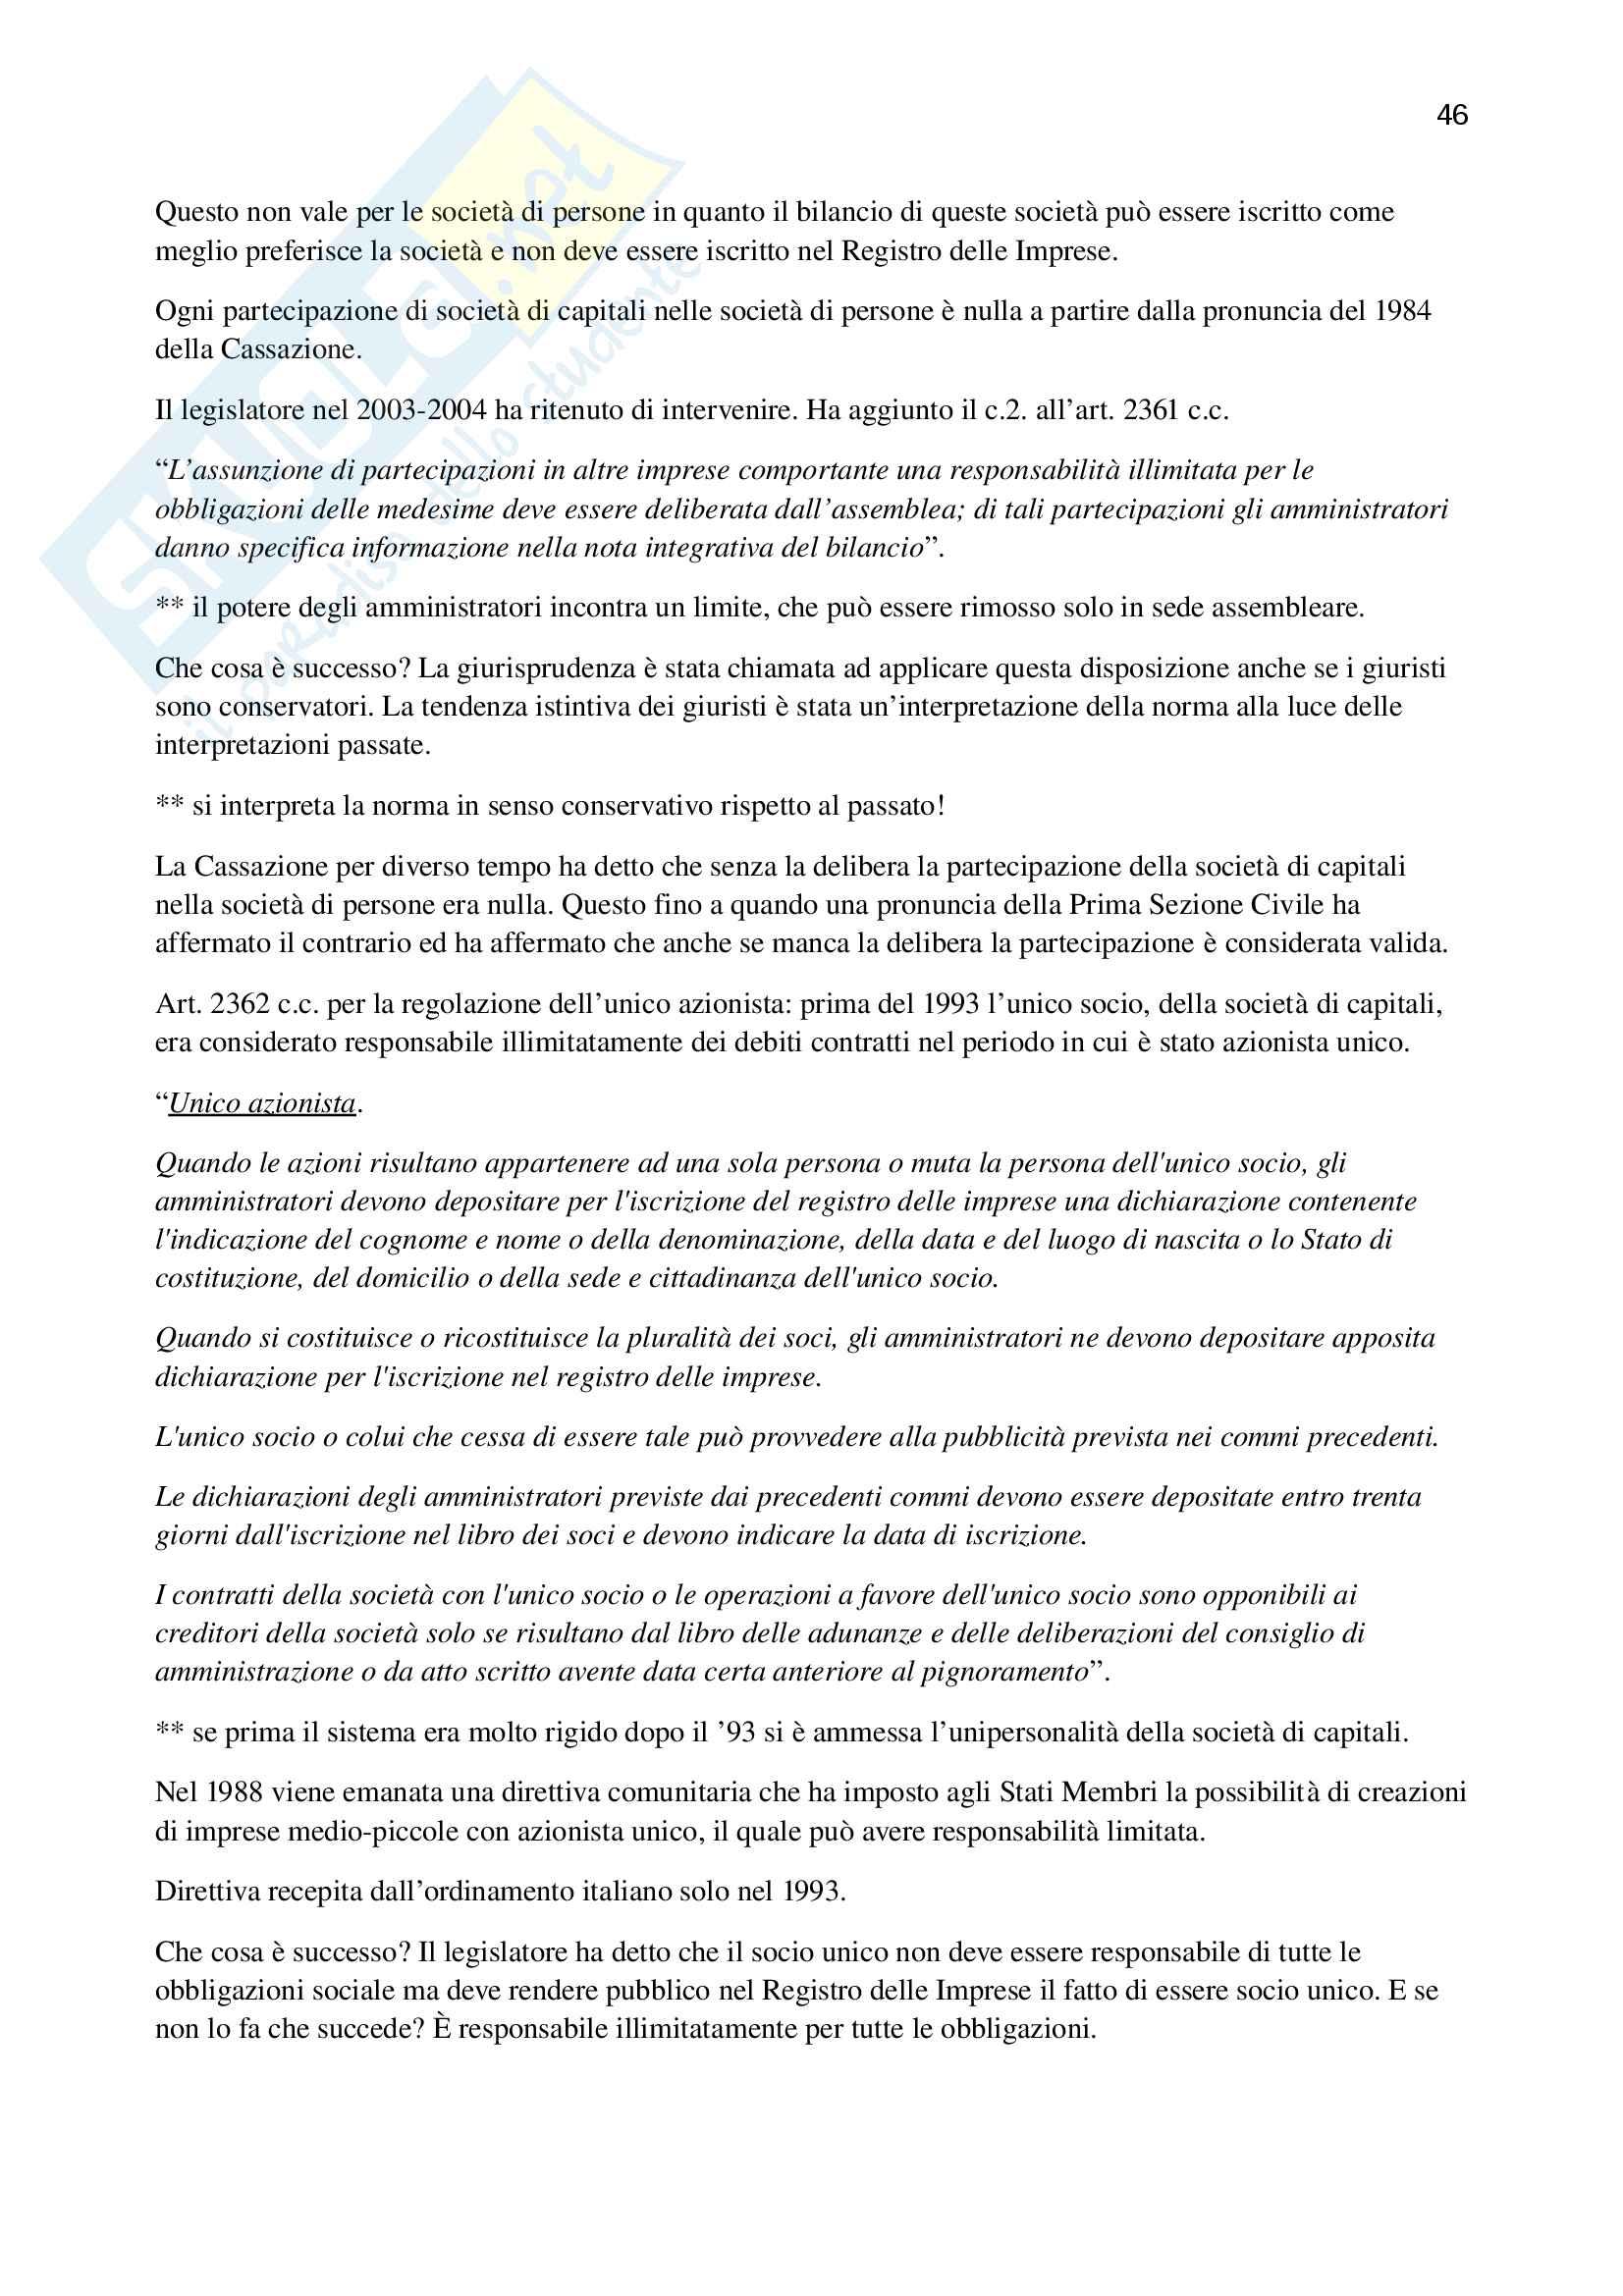 Appunti di diritto commerciale (Unitn, prof. Galletti) Pag. 46